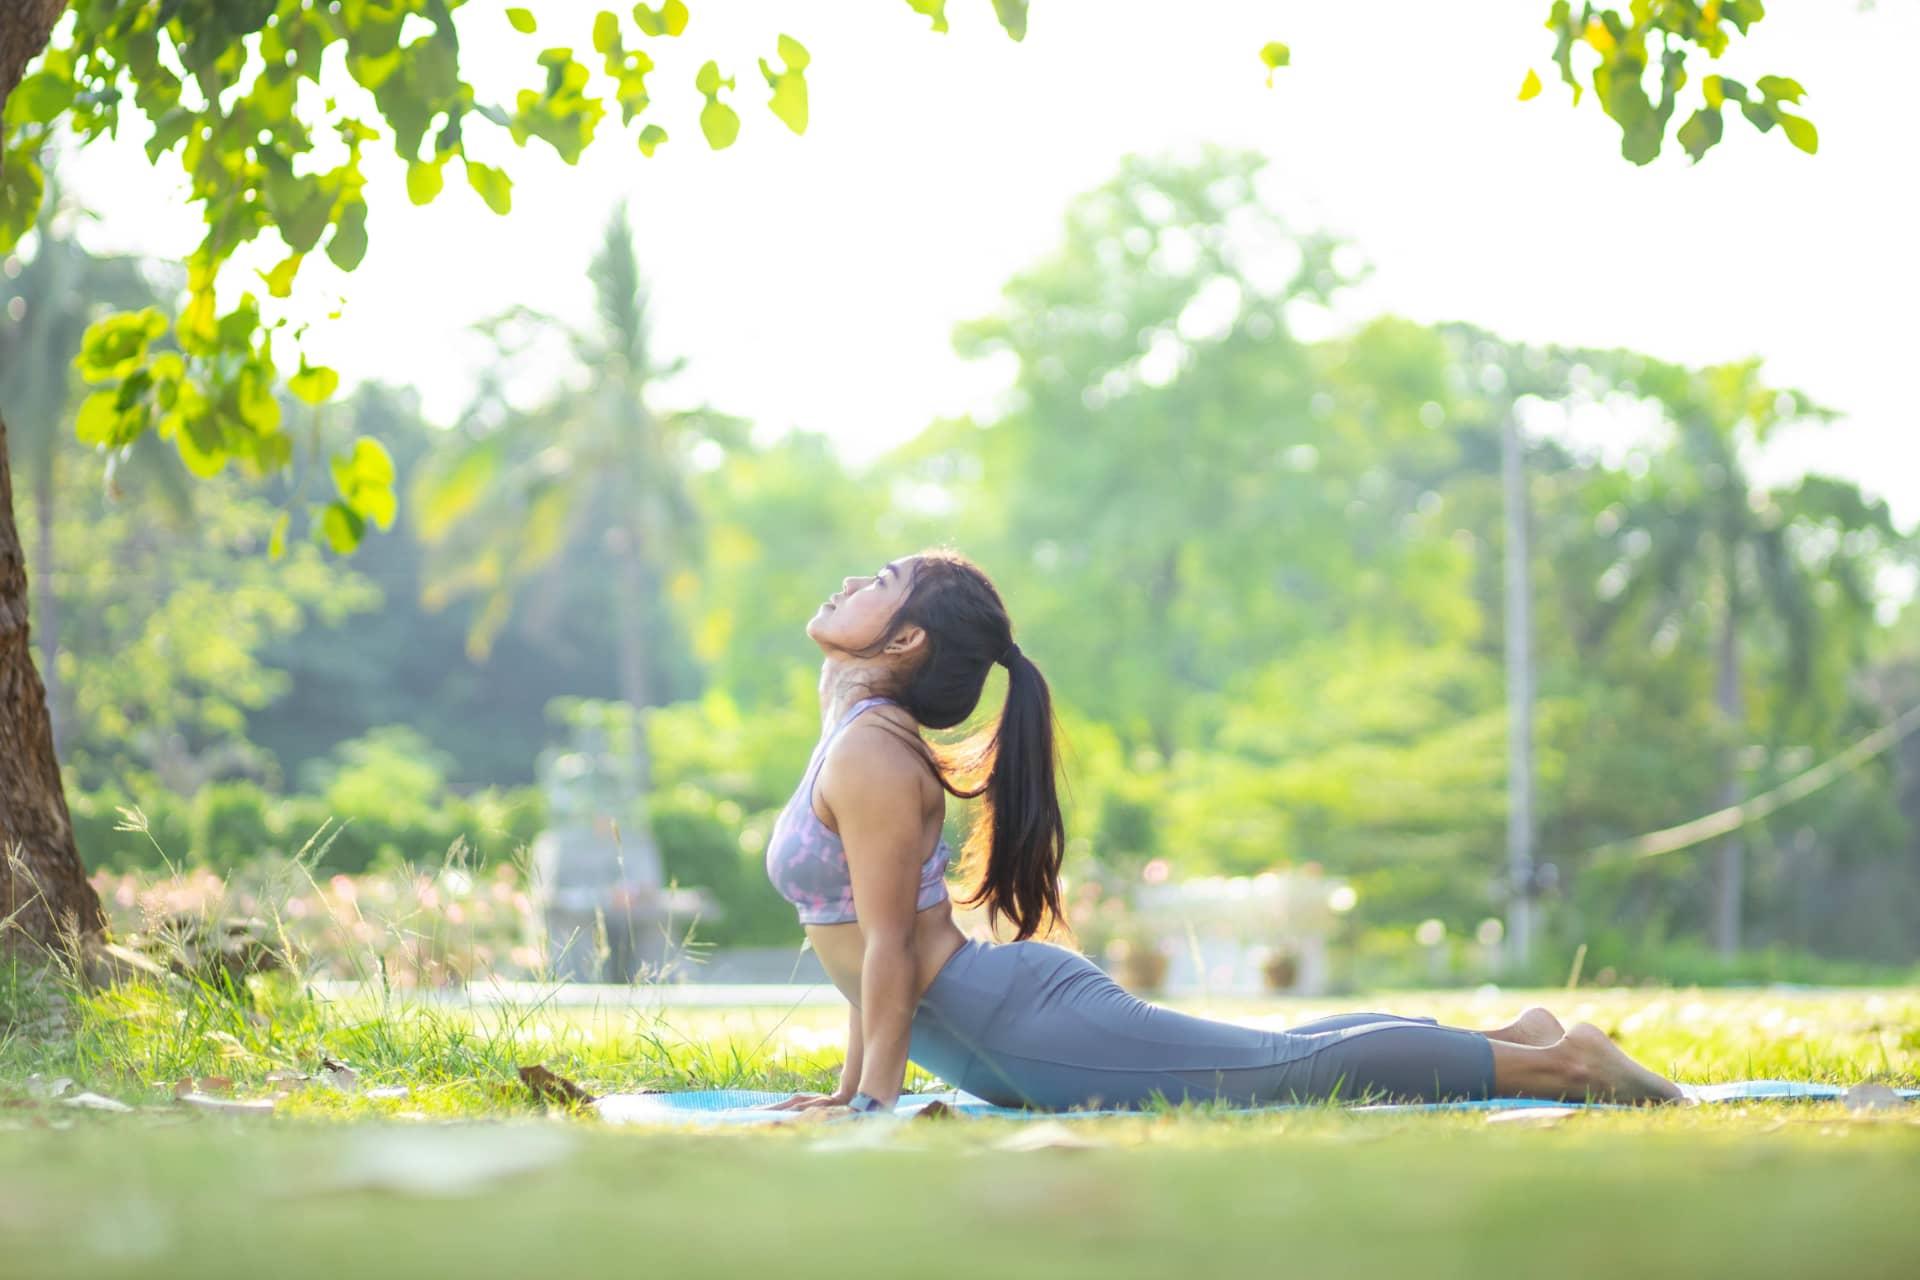 Gesundheitspraxis - Faszientraining - Dehnen in der Natur